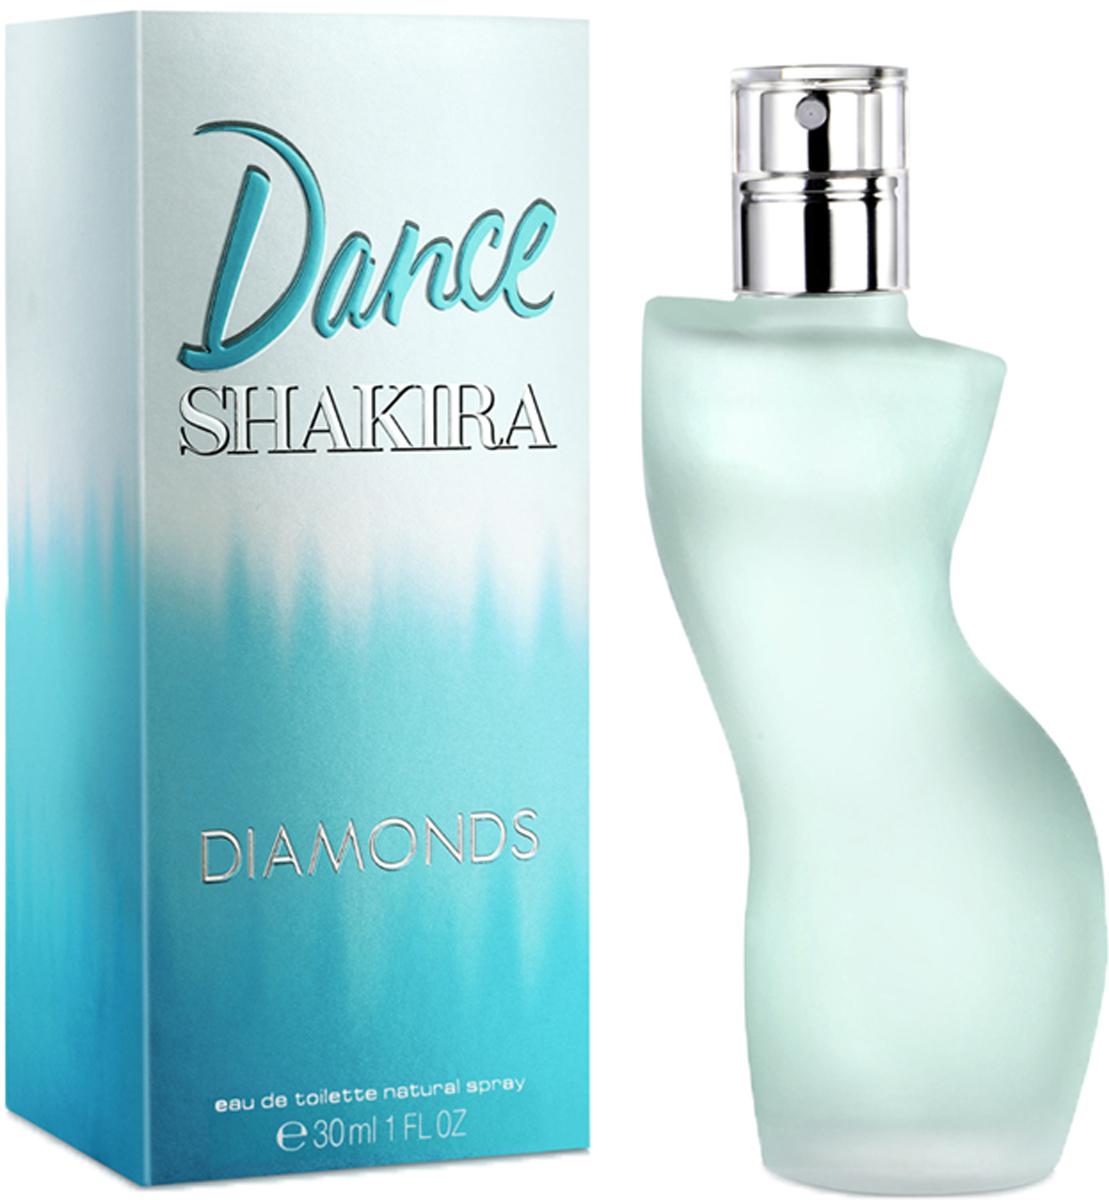 Shakira Dance Diamonds Туалетная вода женская, 30 мл65117547Первая капля дождя разрывает летнюю жару, врываясь свежестью на нагретой солнцем кожей. Каждый вздох наполнен жизненной энергией.Краткий гид по парфюмерии: виды, ноты, ароматы, советы по выбору. Статья OZON Гид